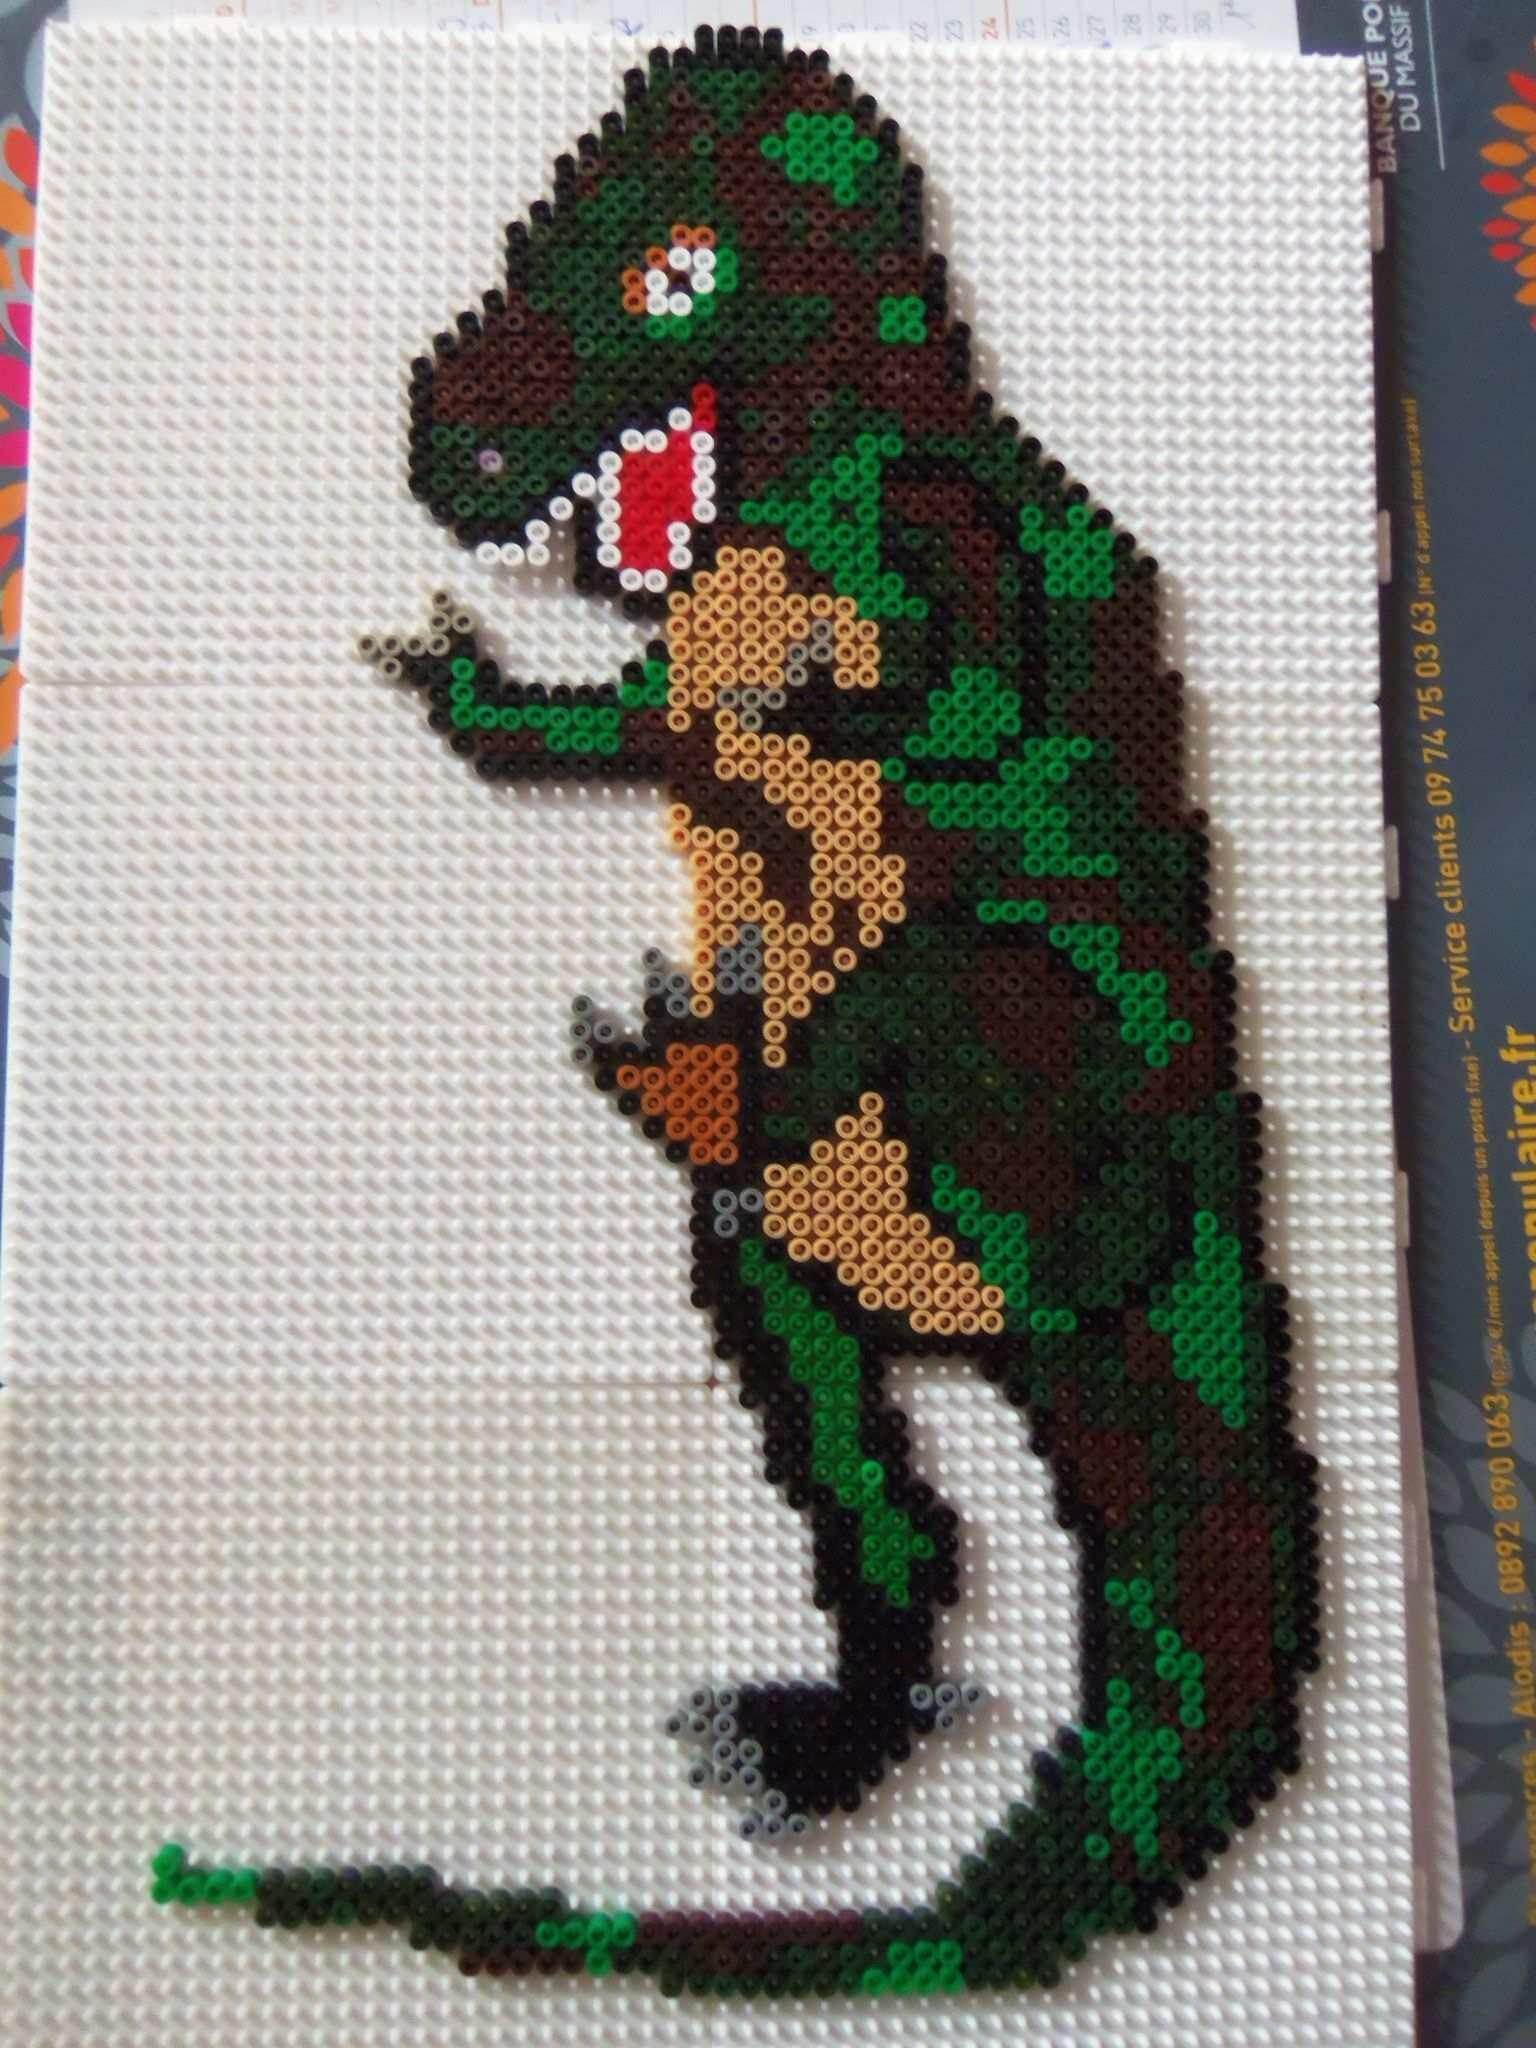 T Rex Dino Bugelperlen Hama Beads By Lalau43 Bugelperlen Kreativ Dinosaurier